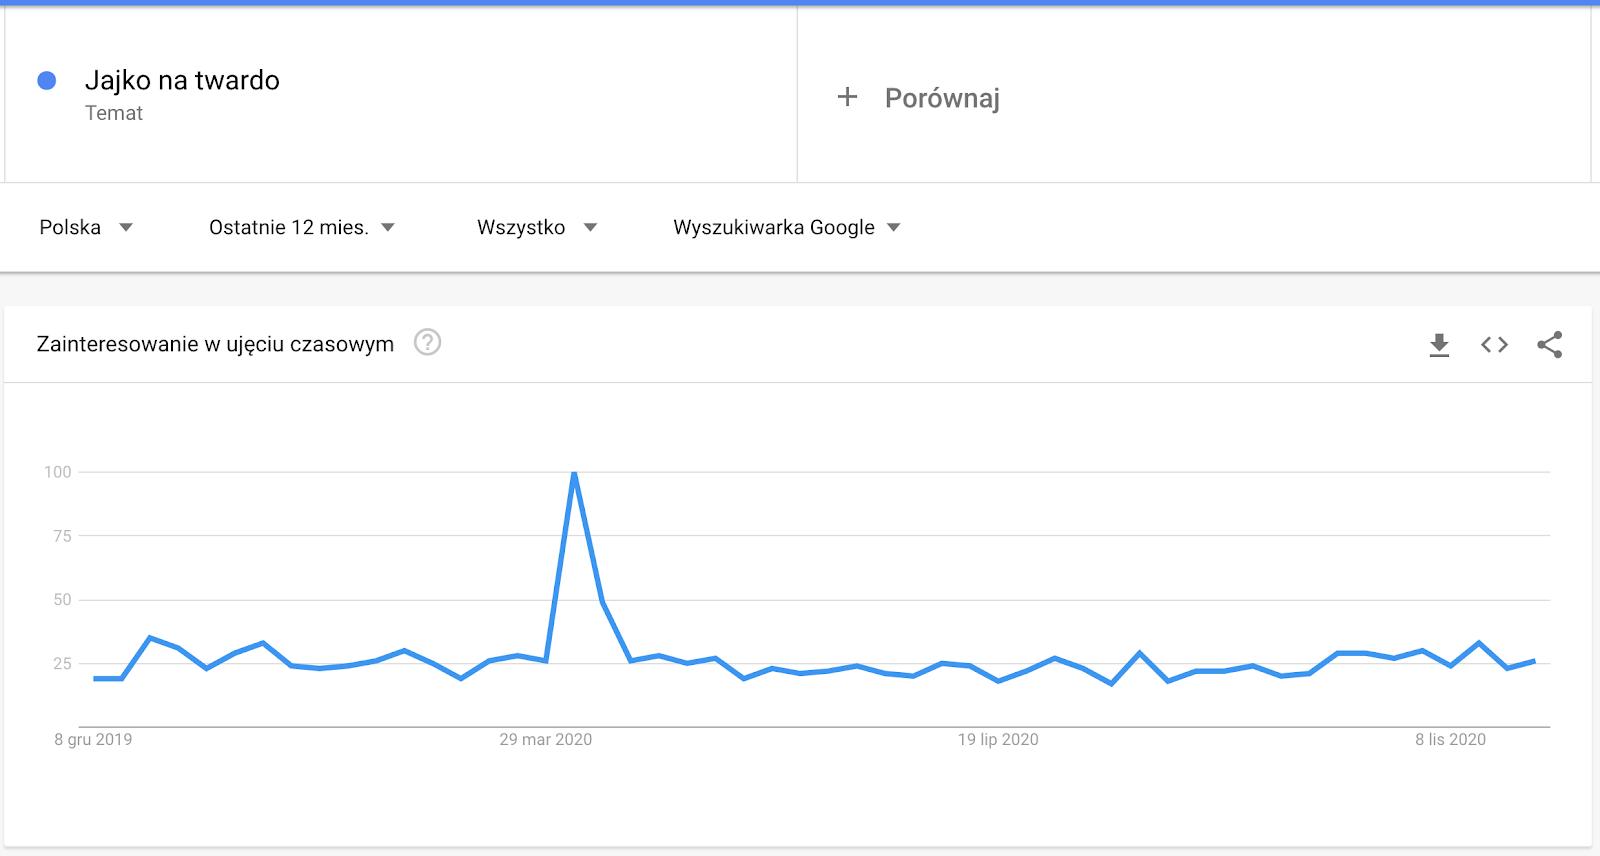 google trends analiza słów kluczowych popularność w czasie